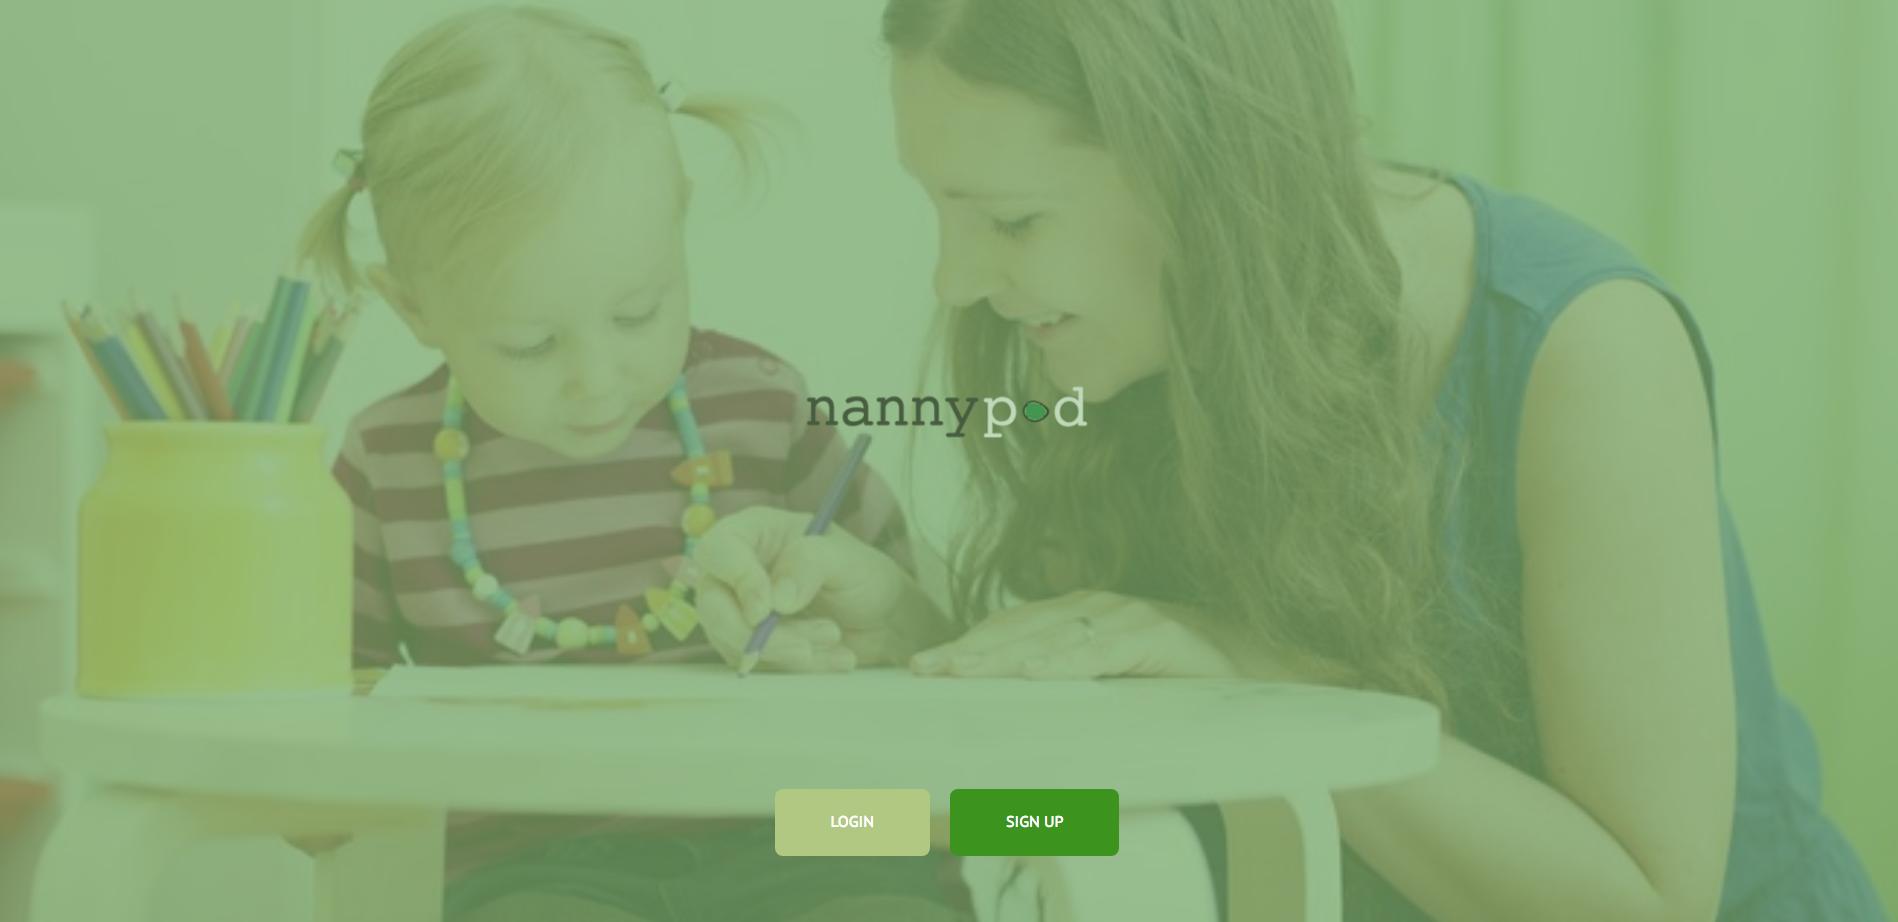 NannyPod Web App 1 May 2018 .png